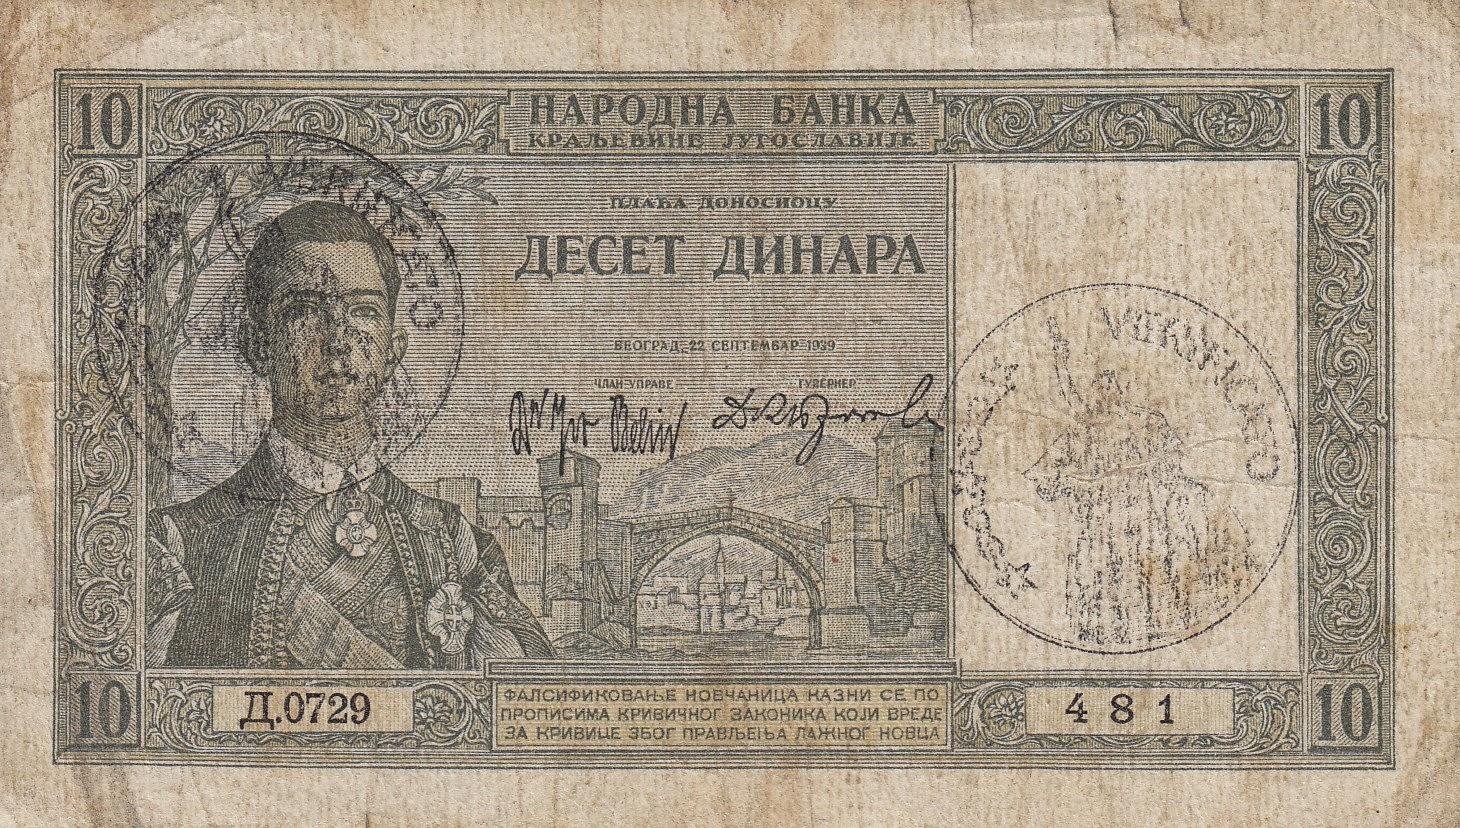 Banknote of KJ